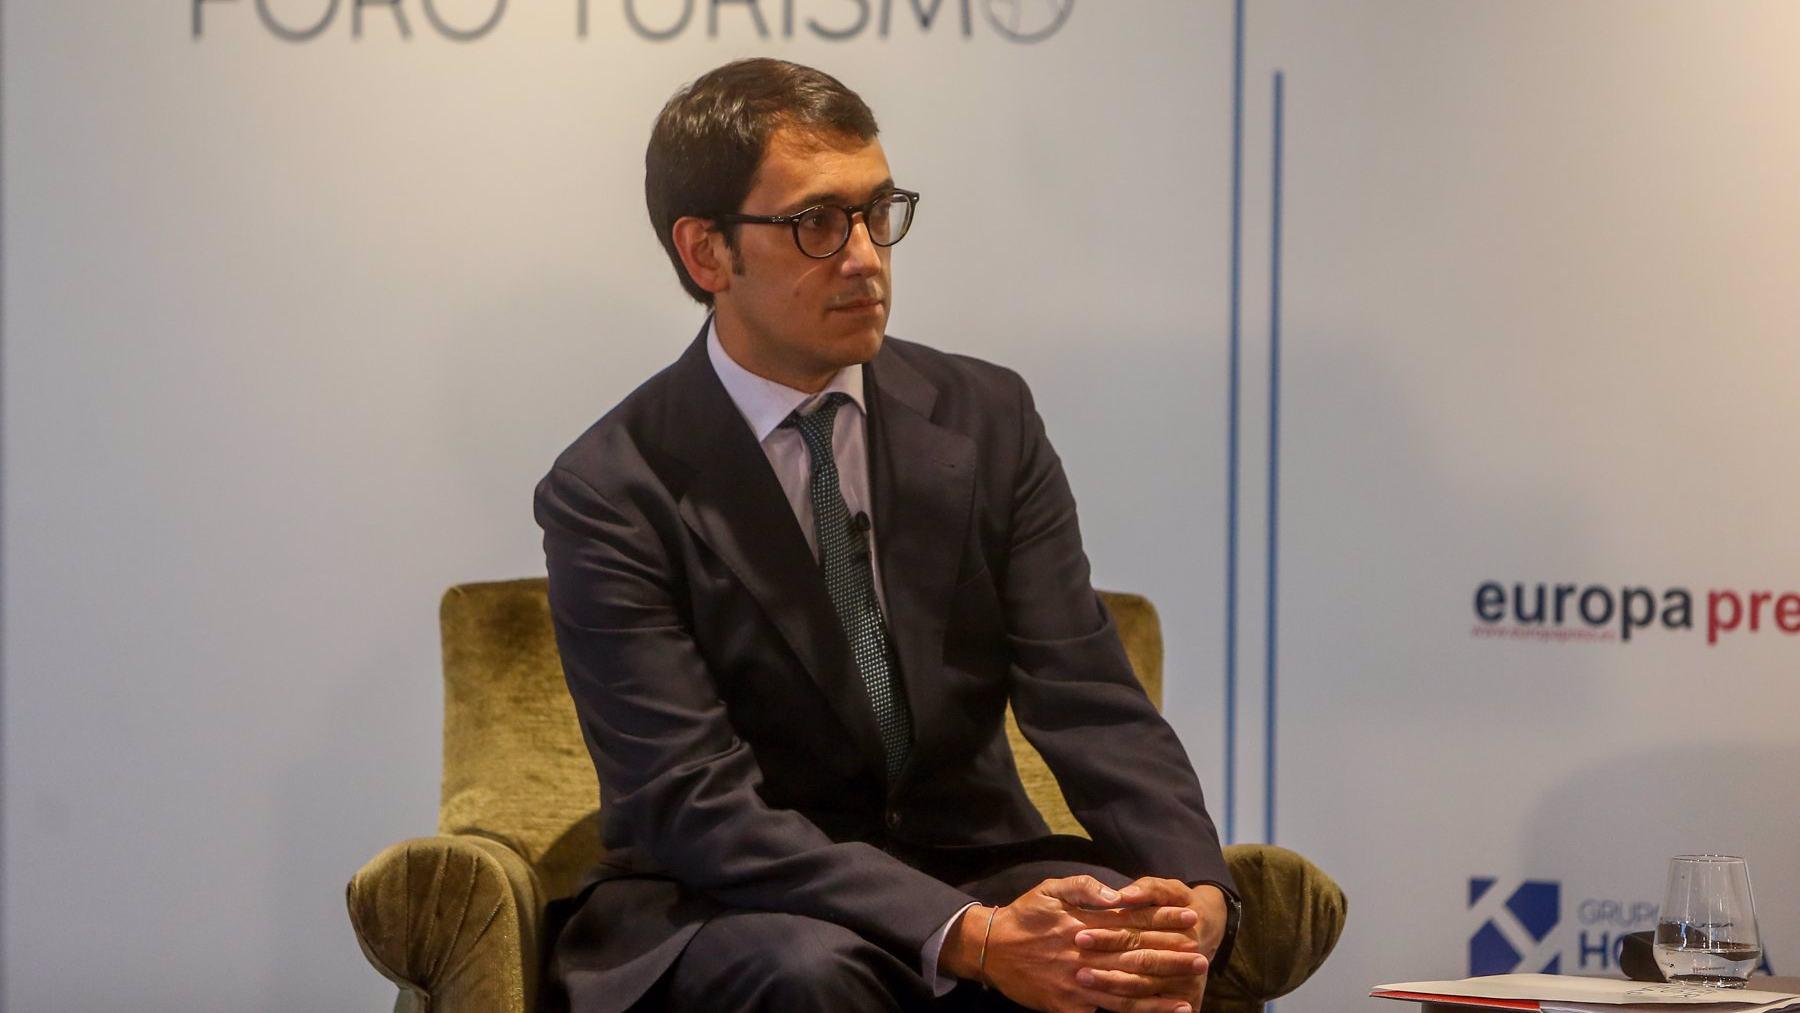 El conseller de Modelo Económico, Turismo y Trabajo del Govern balear, Iago Negueruela, en un Foro de turismo. FOTO: Ricardo Rubio / Europa Press.